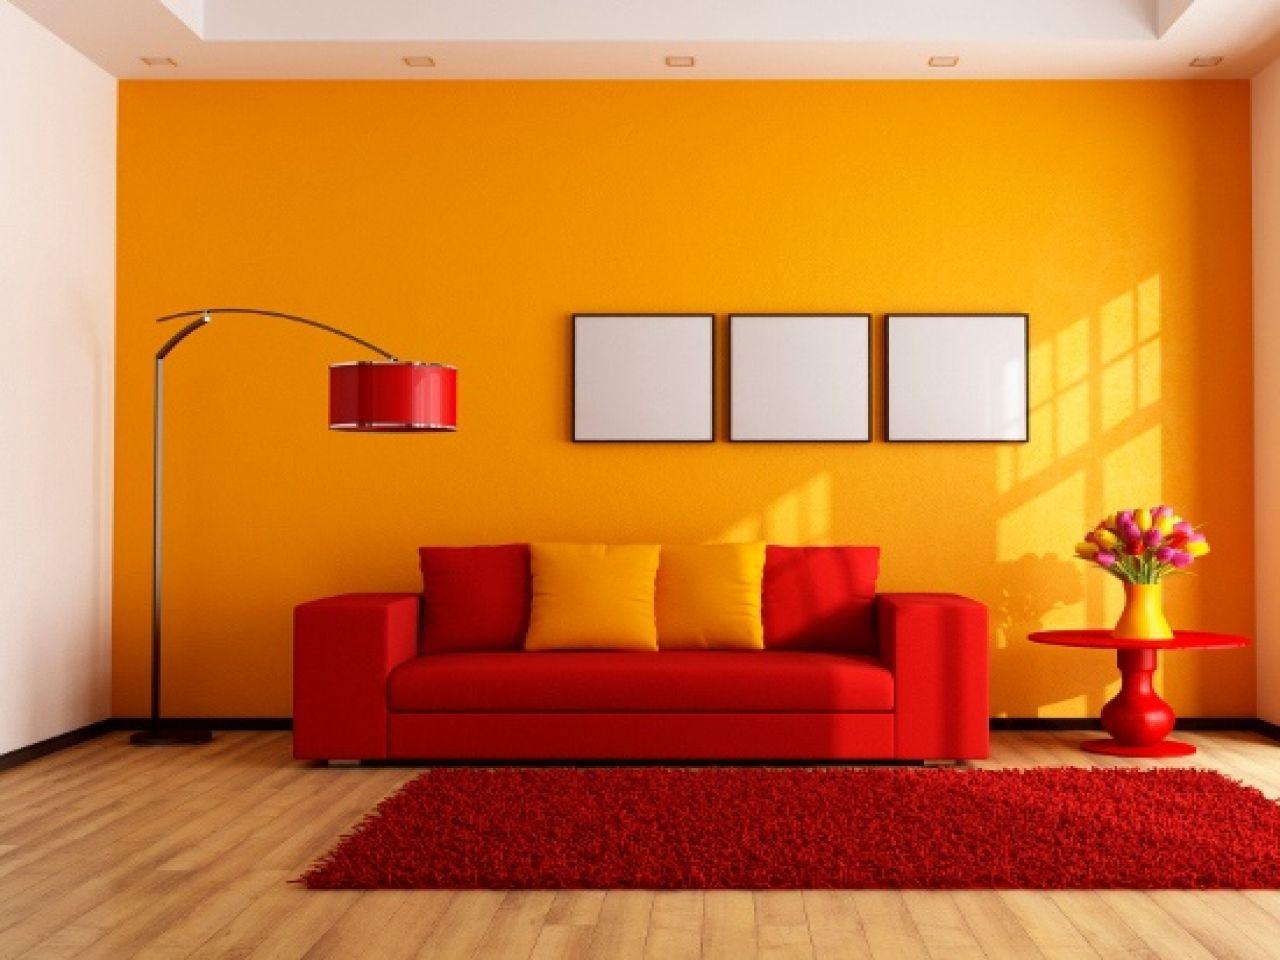 Farbkombination Fur Wohnzimmer Wohnzimmer Farbkombination Innenarchitektur Farbgestaltung Wohnzimmer